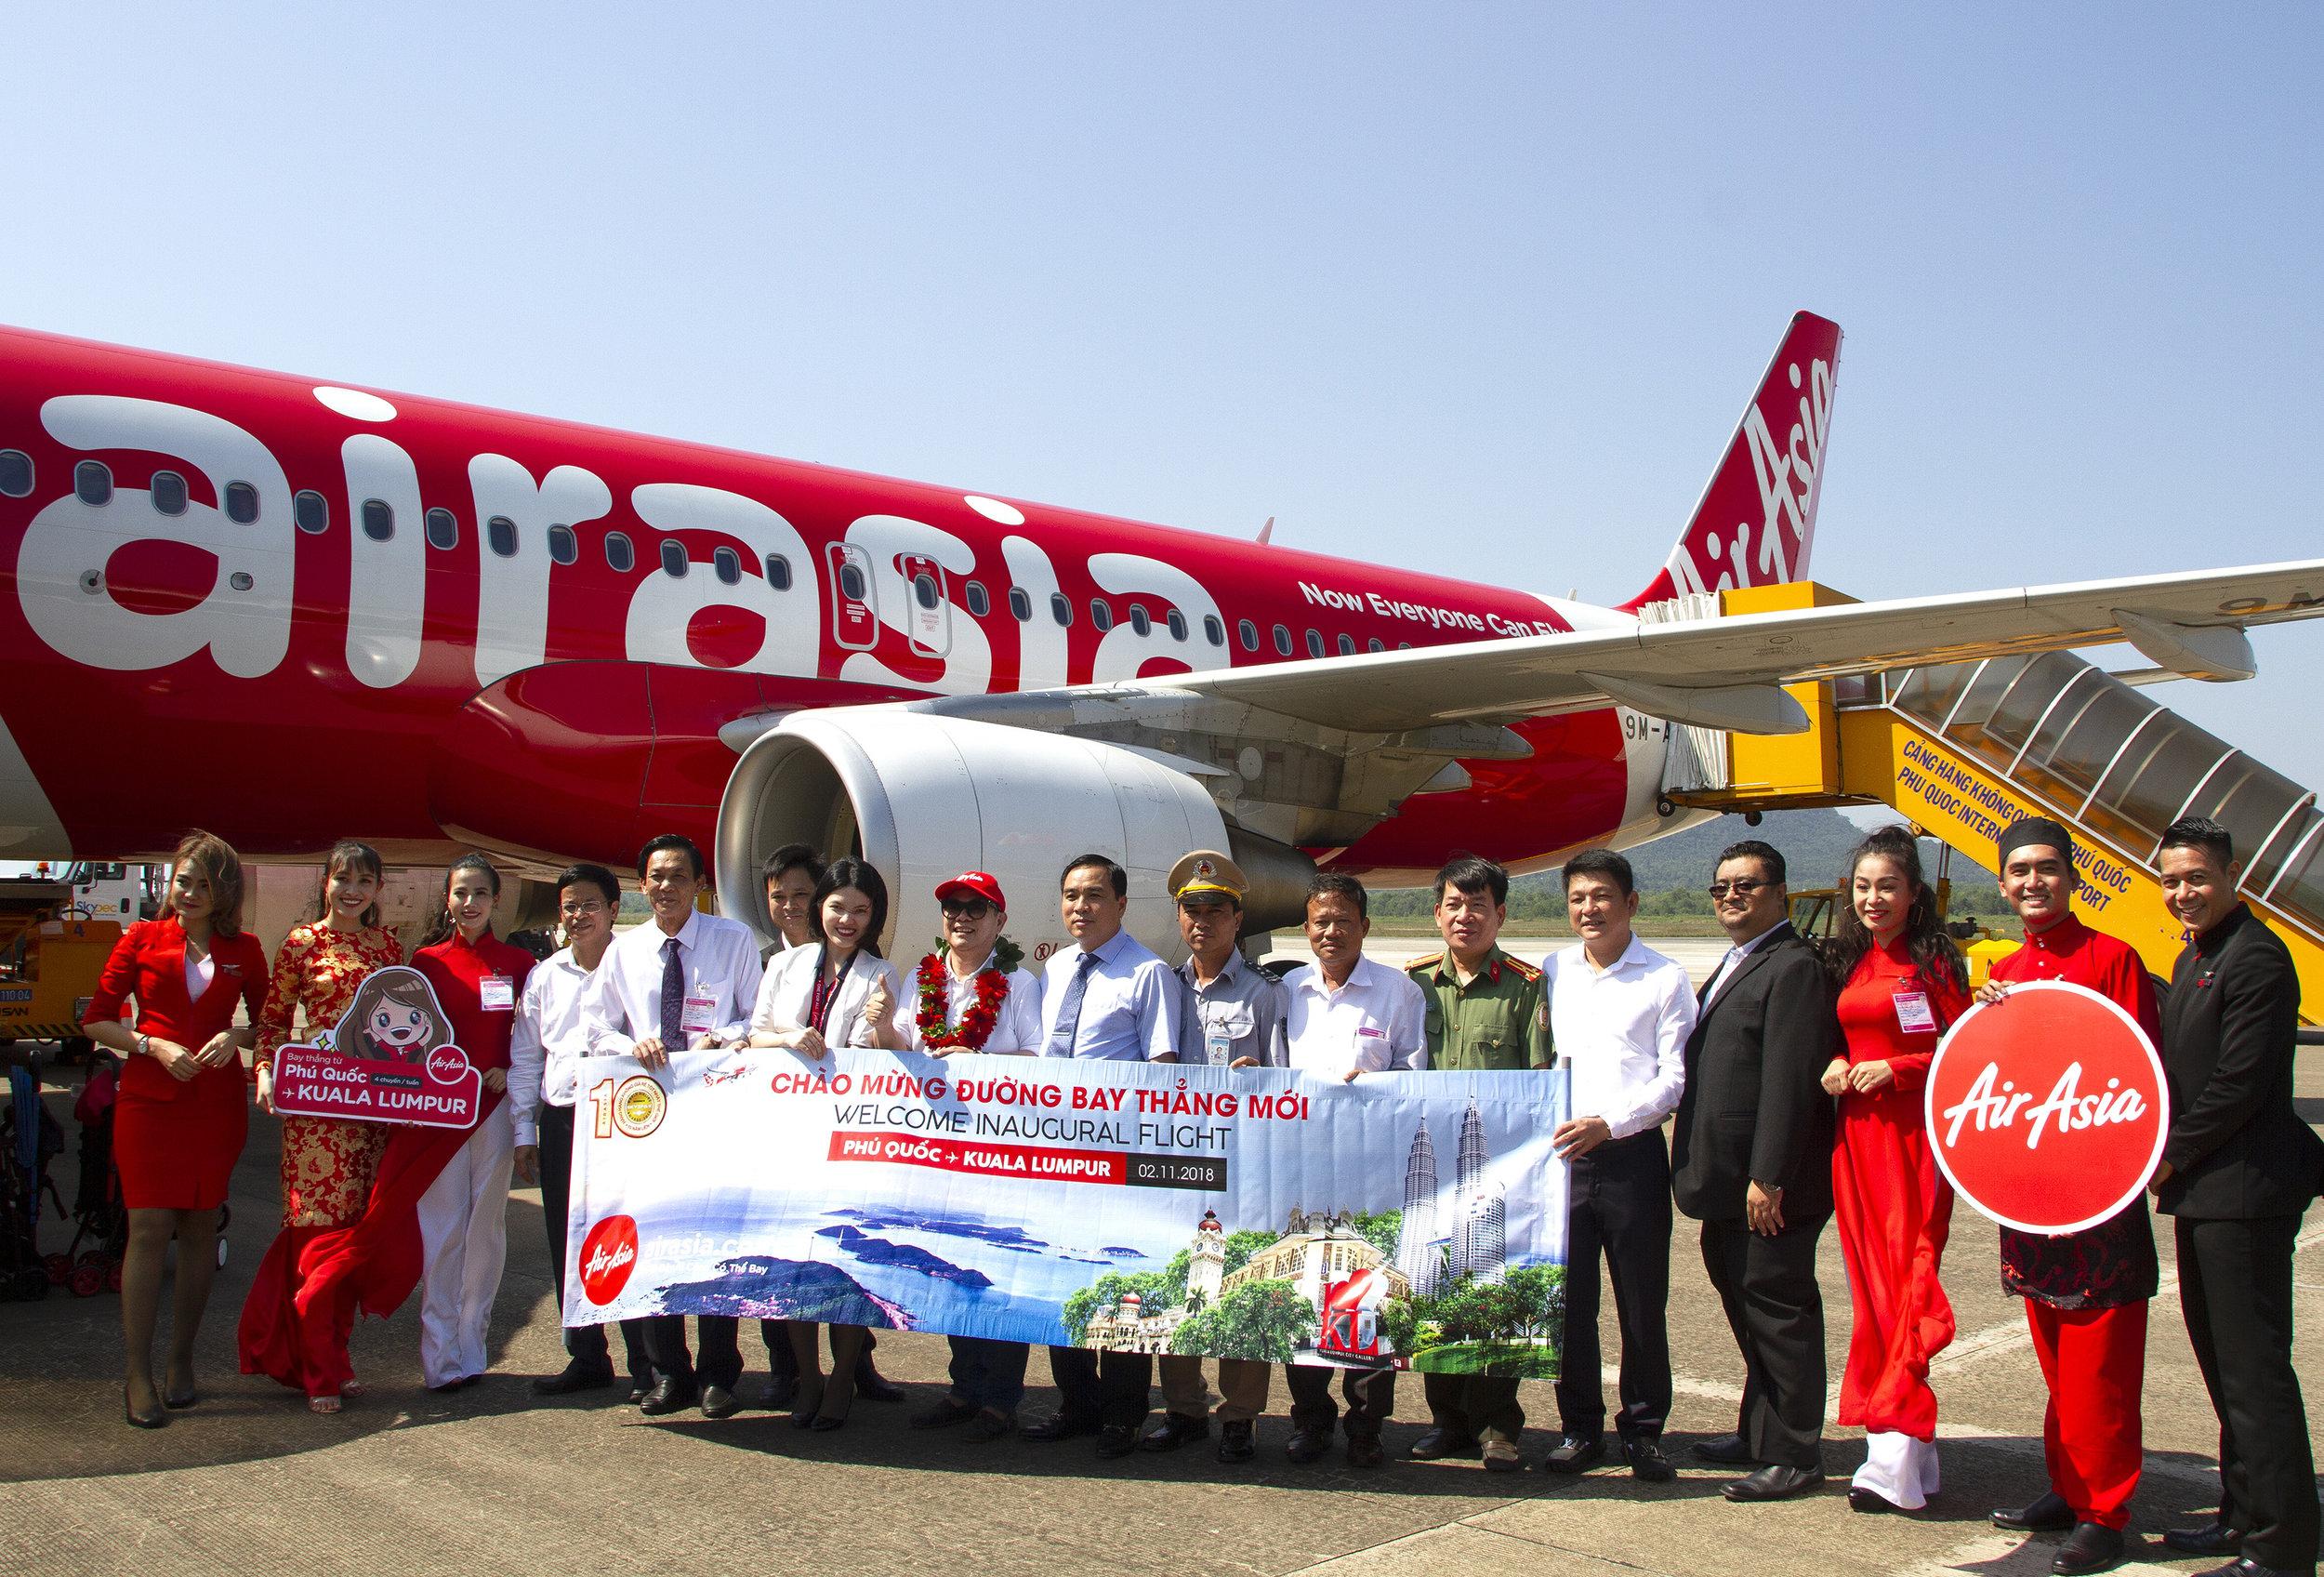 (Lapan dari kiri) Ahli Lembaga Pengarah Kumpulan Dato Fam Lee Ee, Naib Pengerusi Jawatankuasa Rakyat Phu Quoc Pham Van Nghiep dan pihak berkuasa tempatan menyambut penerbangan sulung dari Kuala Lumpur ke Phu Quoc, Vietnam.